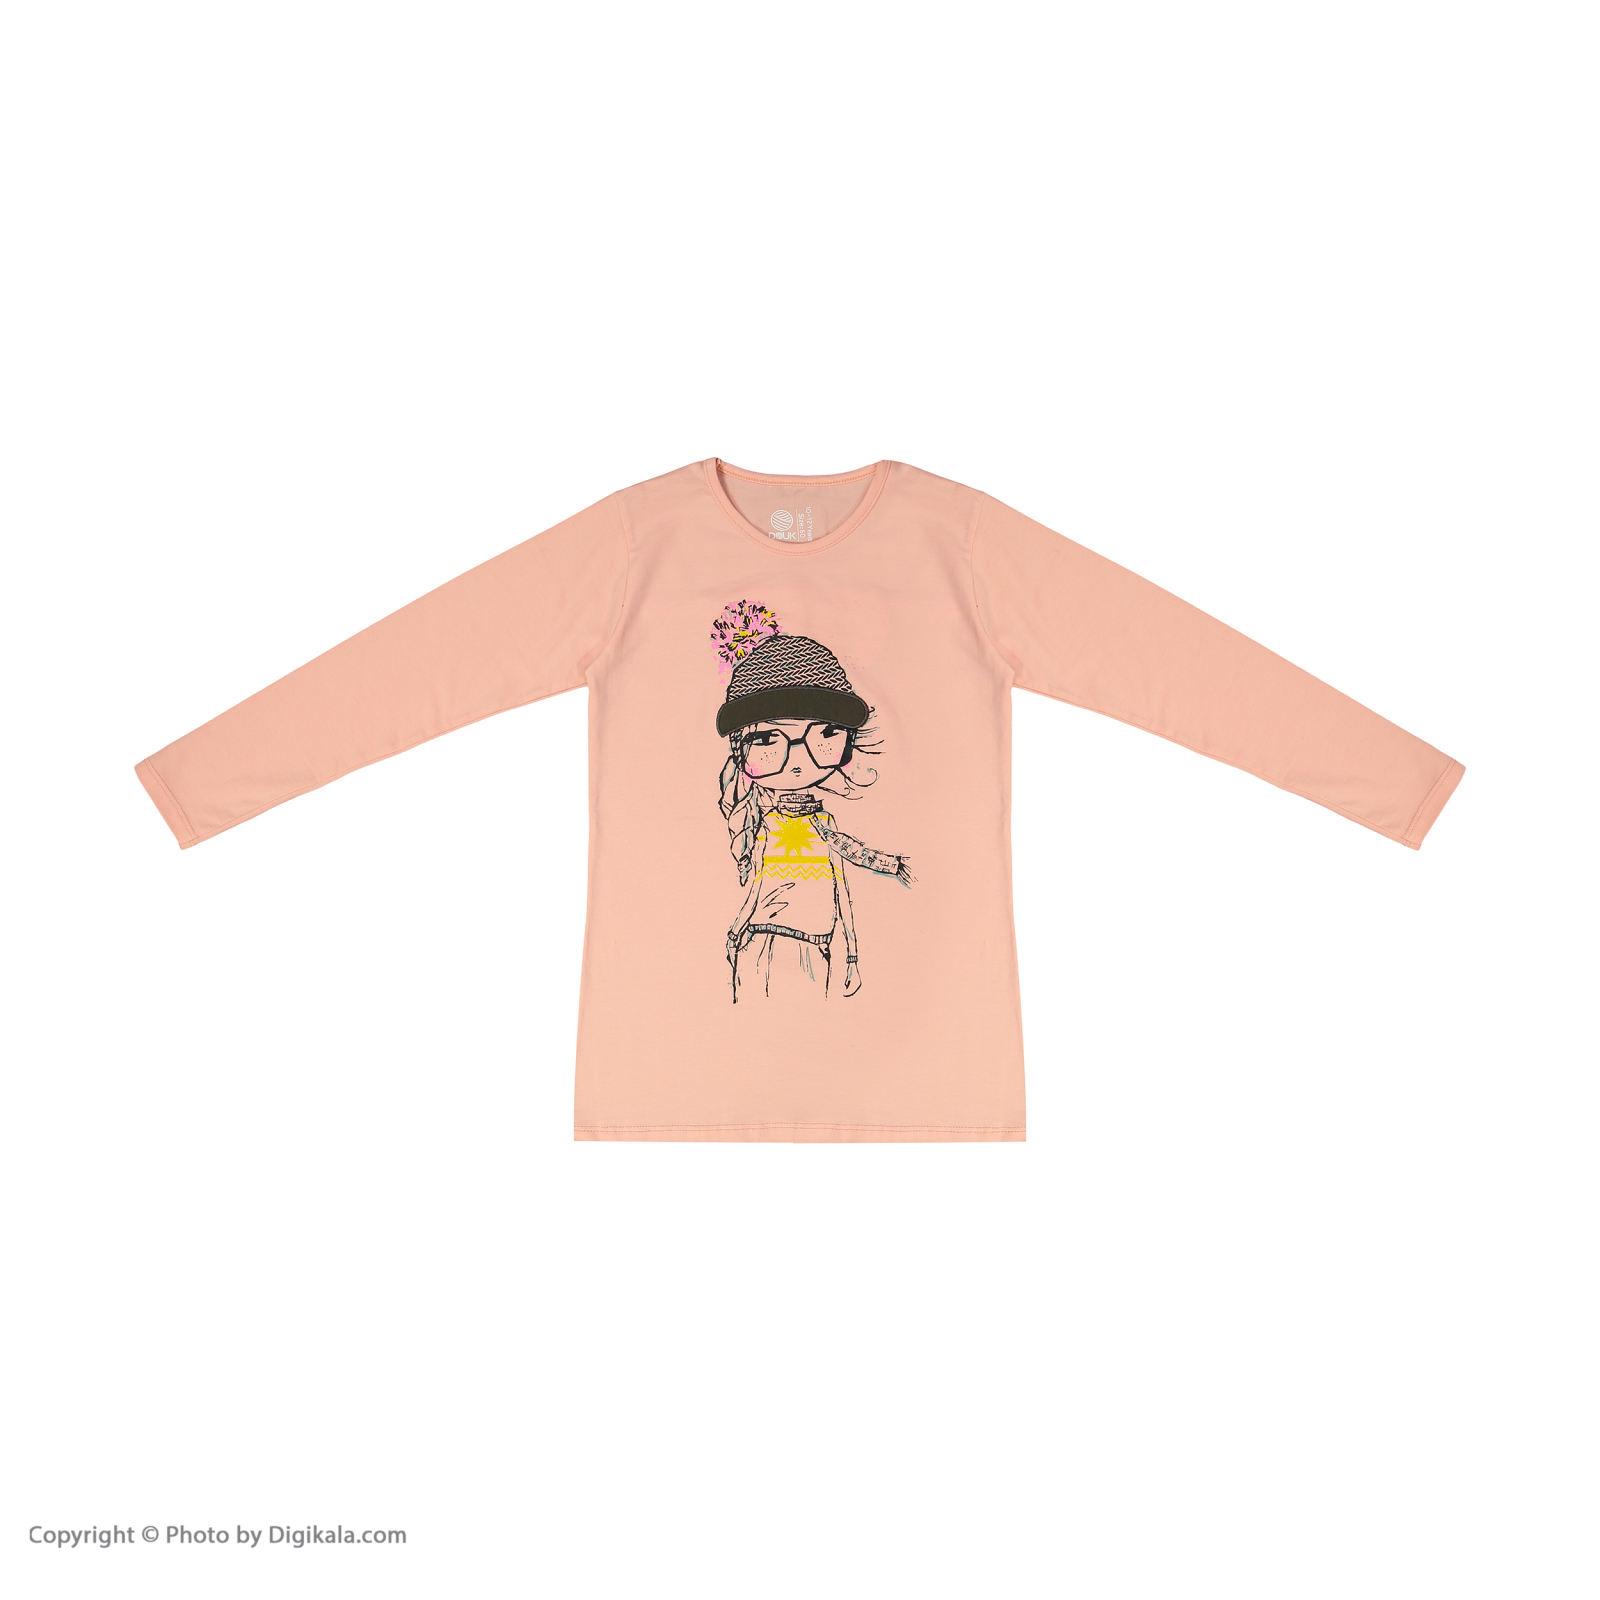 تی شرت دخترانه سون پون مدل 1391355-84 -  - 3